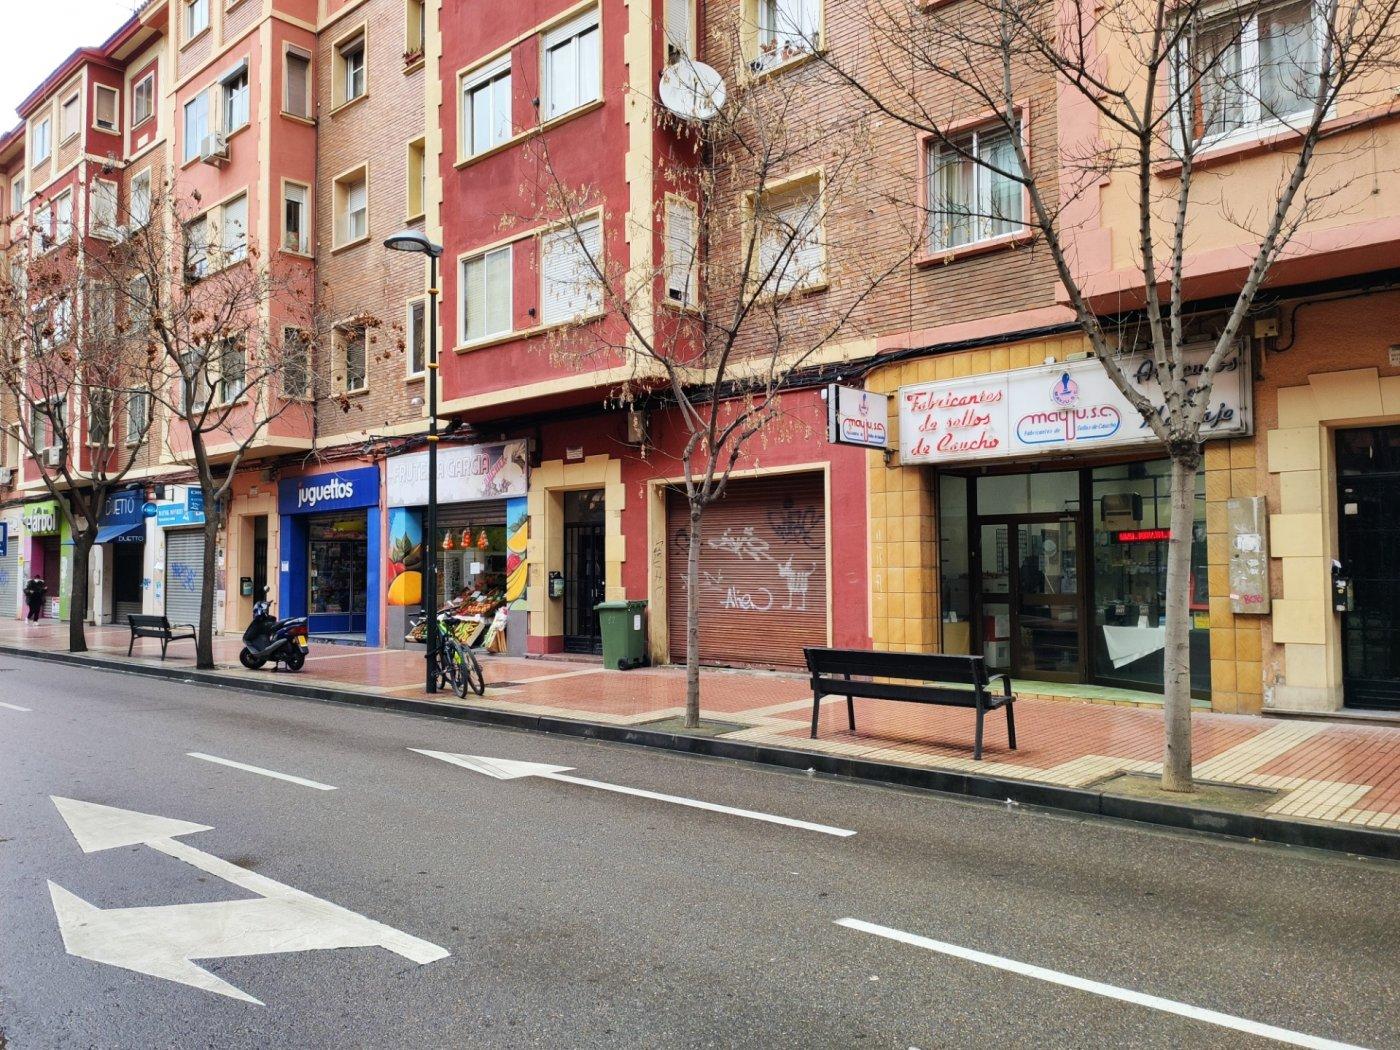 Local comercial en planta calle de 84 m2  útiles con acceso a terraza de 20 metros. - imagenInmueble0